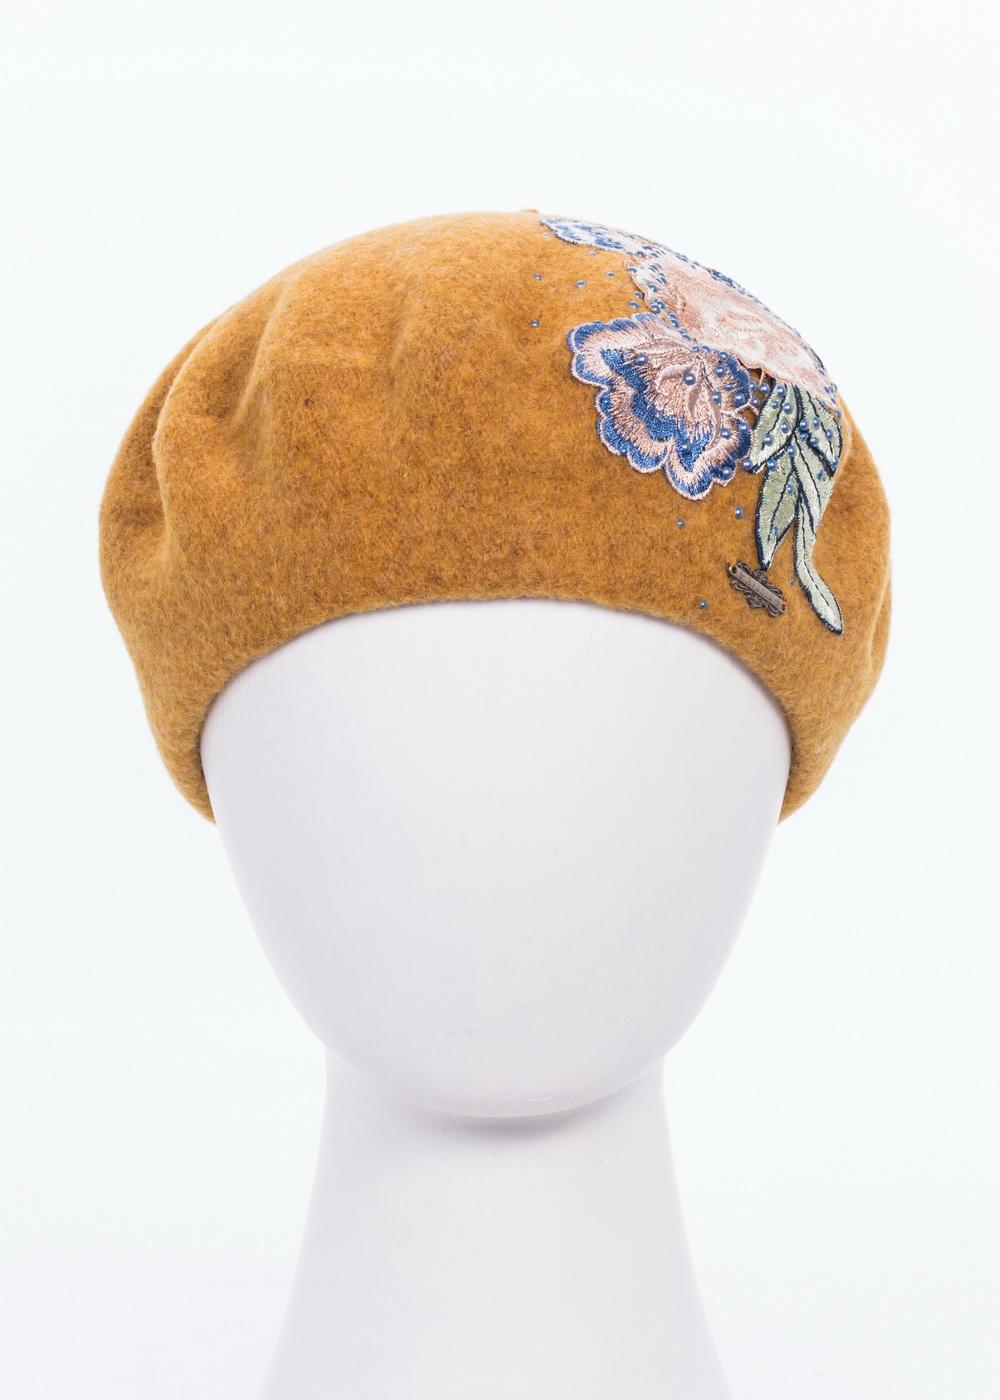 Берет992934Теплый берет Avanta Mirella, выполненный из натуральной шерсти, отлично дополнит ваш образ в холодную погоду. Модель оформлена оригинальной нашивкой из цветов и стразами. Такой берет, составит идеальный комплект с модной верхней одеждой, в нем вам будет уютно и тепло! Уважаемые клиенты! Размер, доступный для заказа, является обхватом головы.